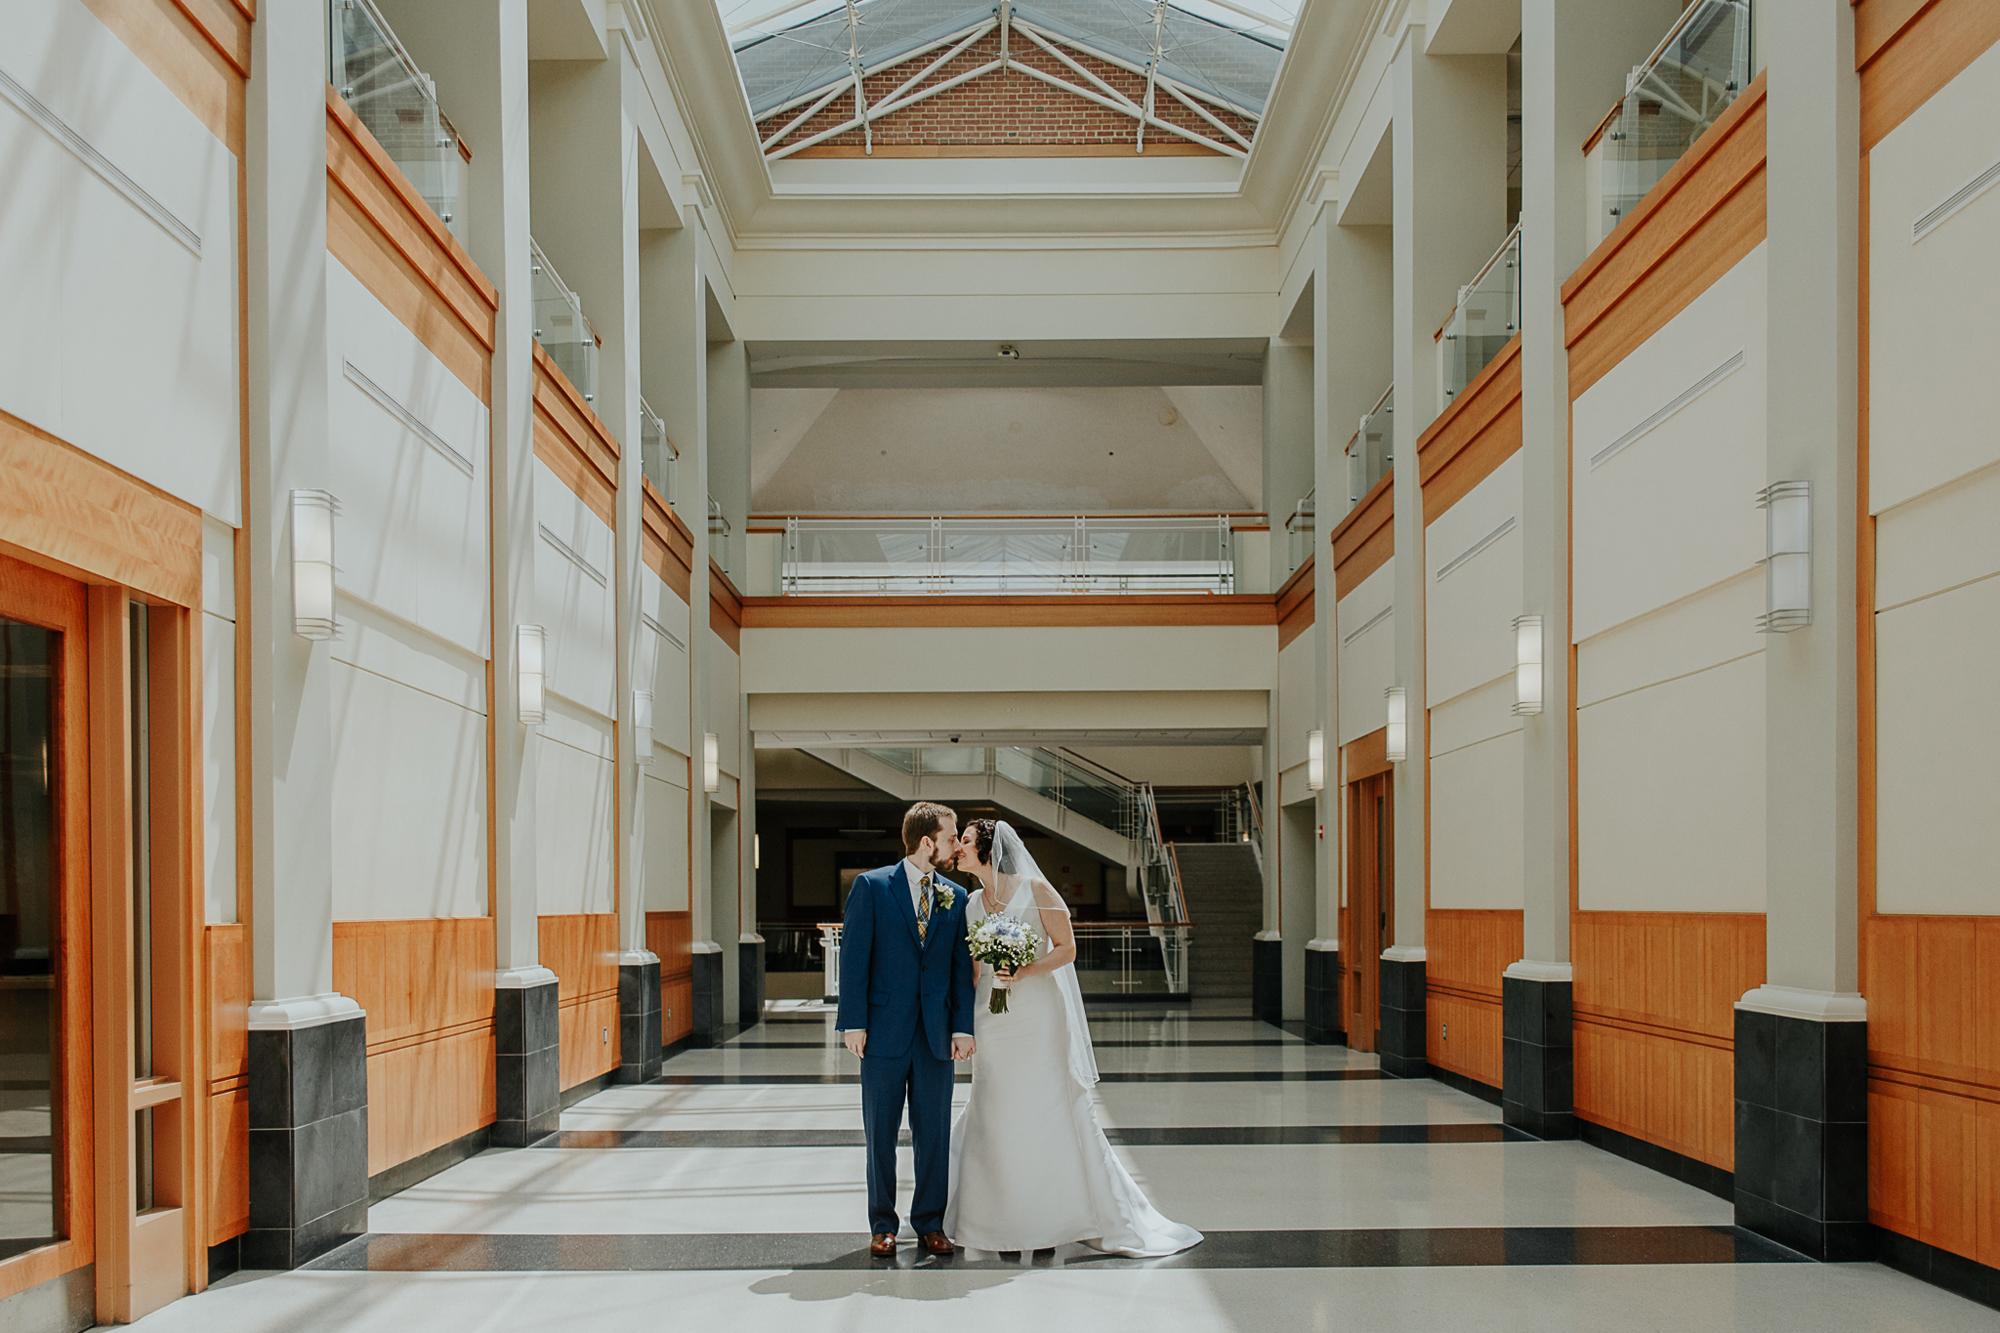 040-annapolis_courthouse_wedding.jpg